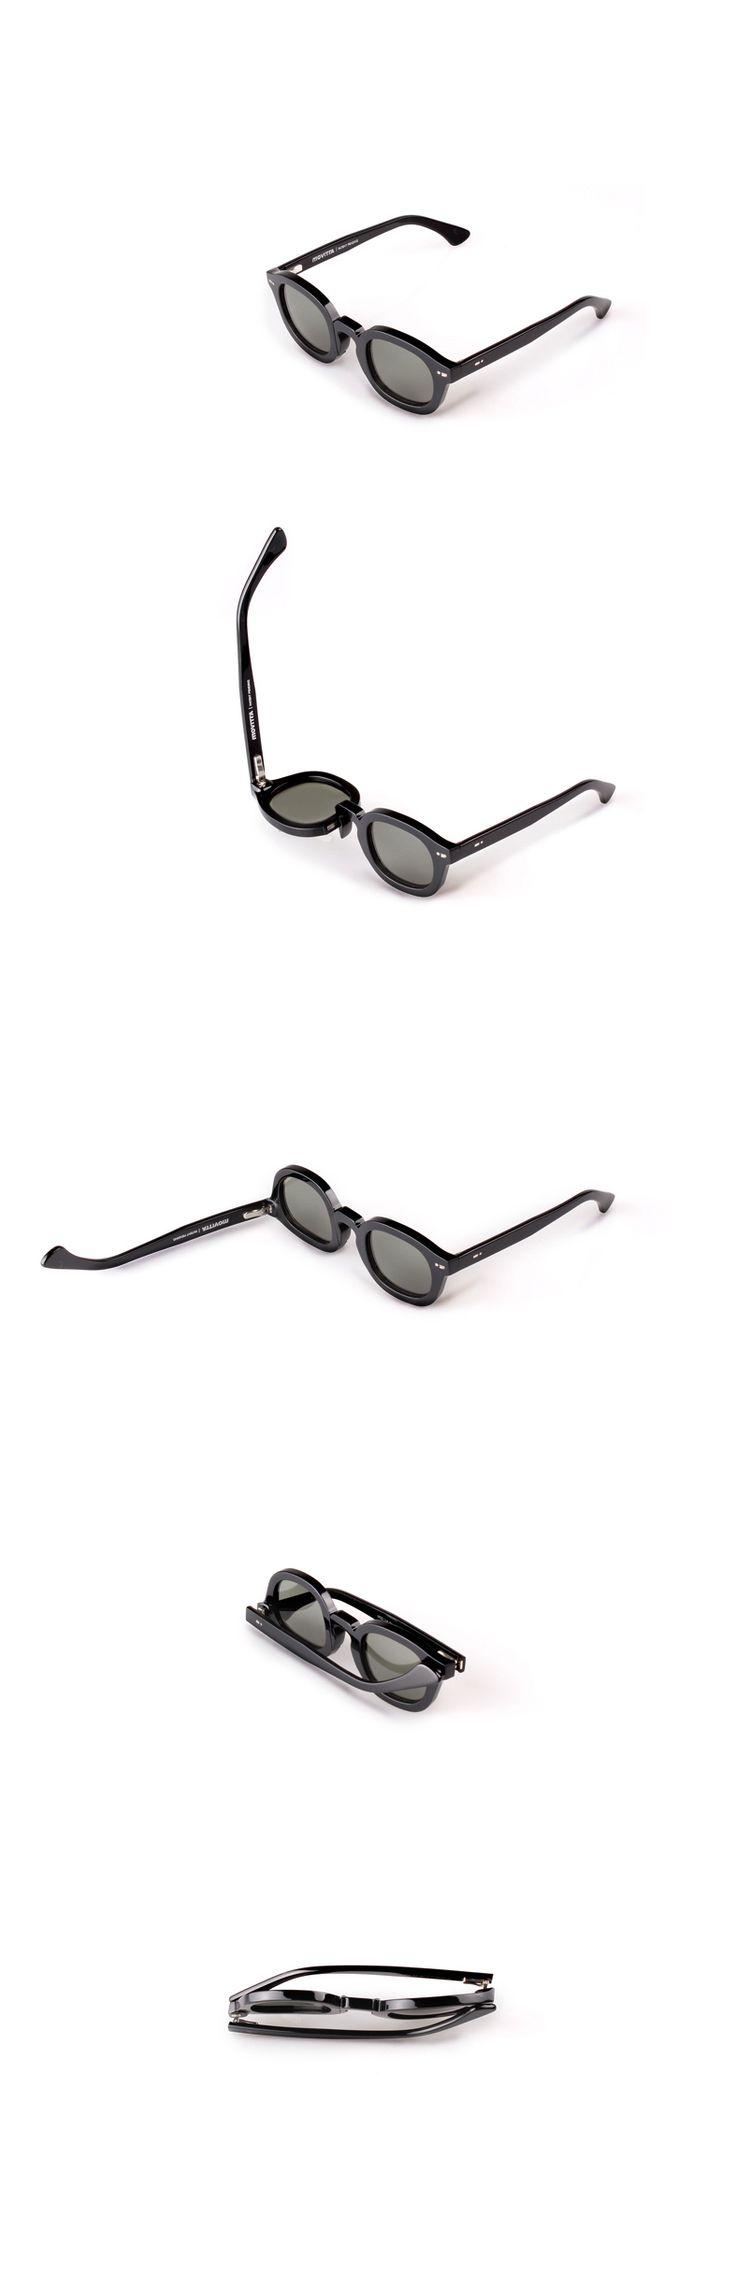 Movitra 115 - Nero con lente verde #sunglasses #movitra #movitraspectacles #spectacles #glasses #eyewear